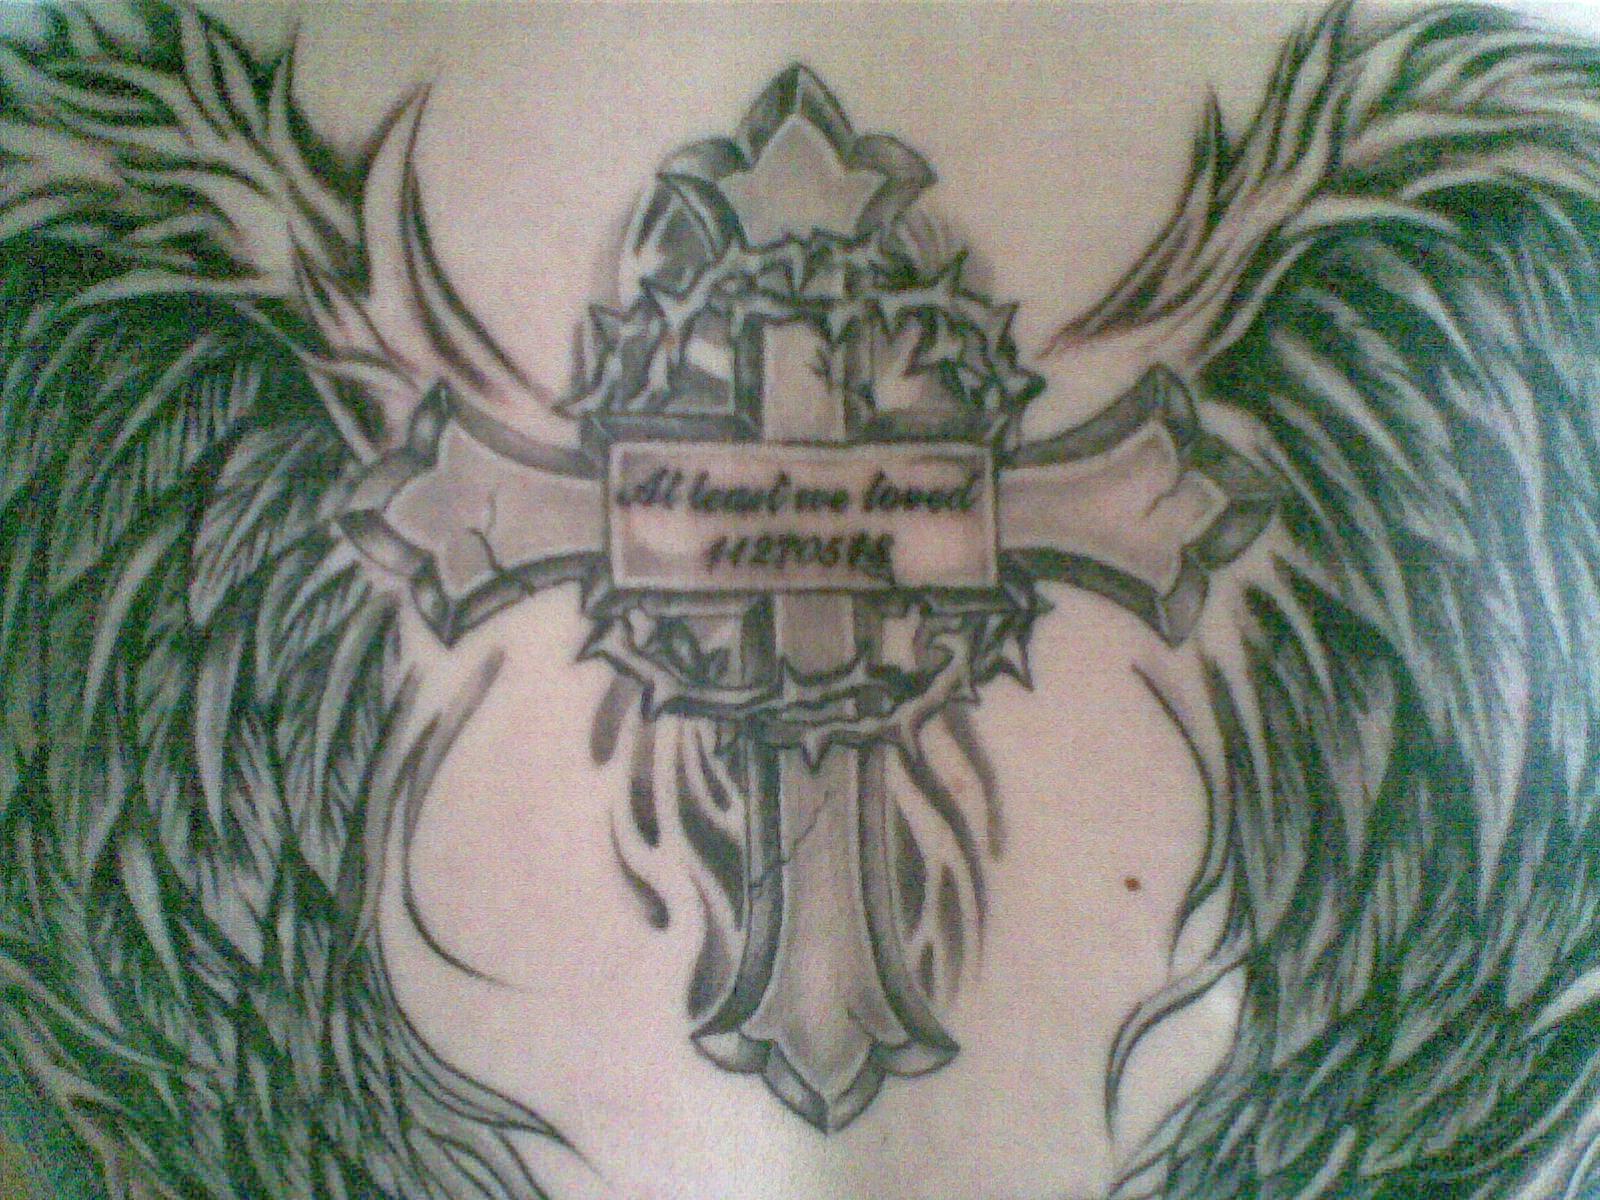 手臂天使翅膀纹身手稿图片